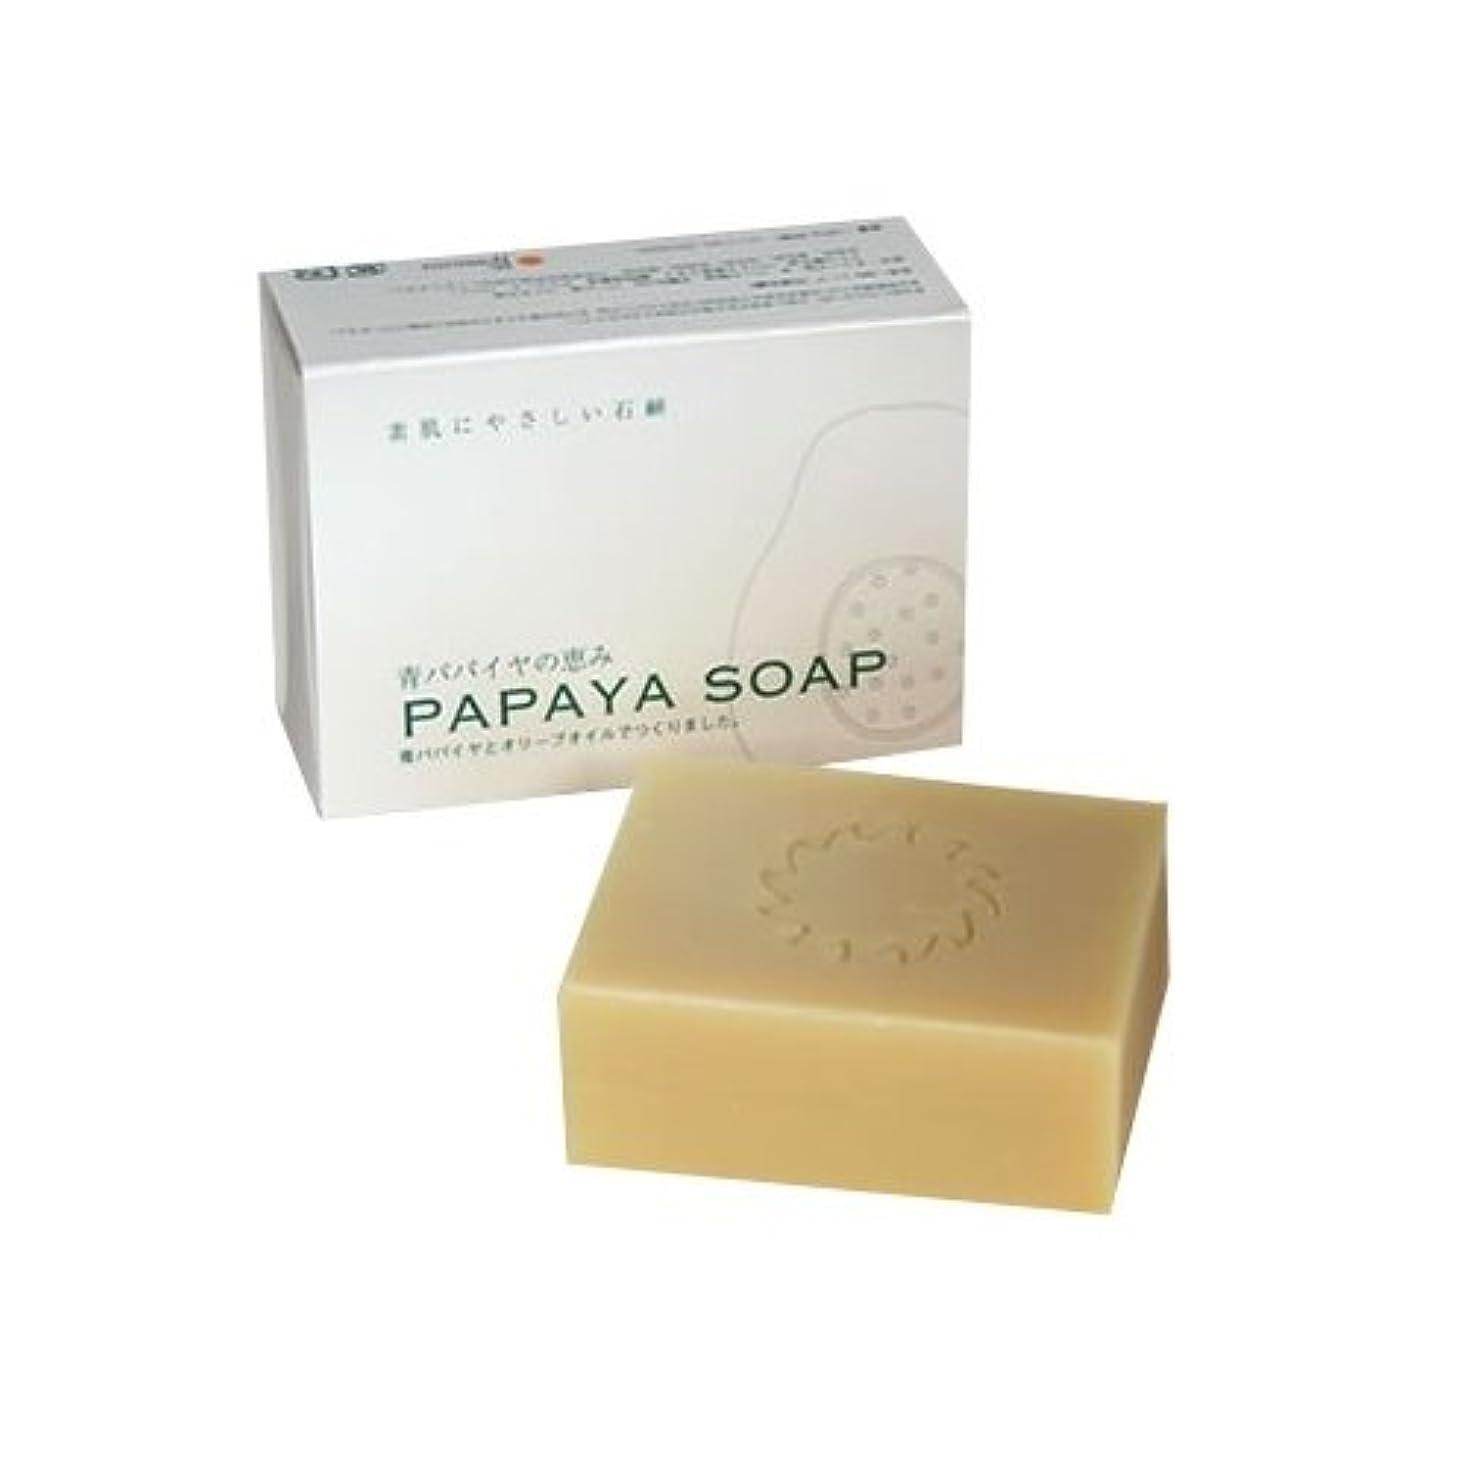 死ぬ奪うアルバム青パパイヤの恵み PAPAYA SOAP(パパイヤソープ) 100g